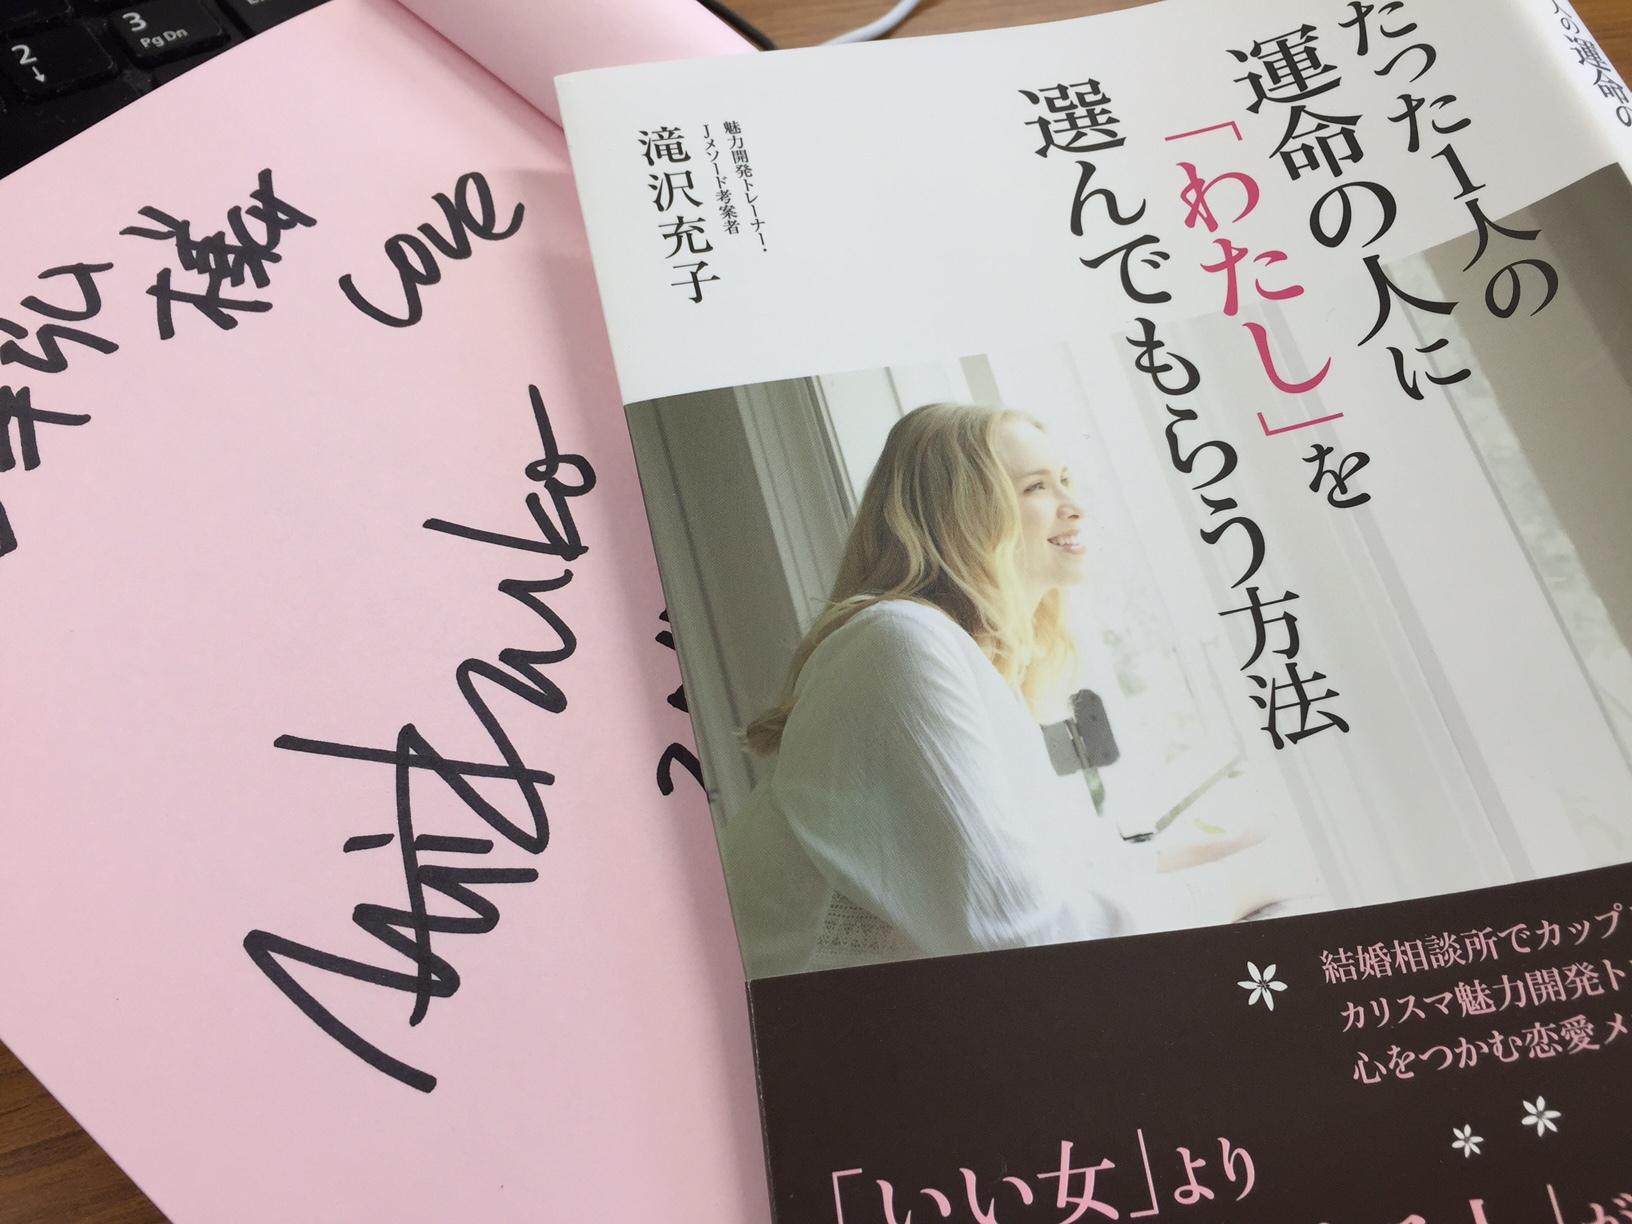 滝沢充子先生の最新刊「たった一人の運命の人に『わたし』を選んでもらう方法」を読む。恋愛だけでなくいろんな人間関係に応用できそう。_e0094804_14171717.jpg